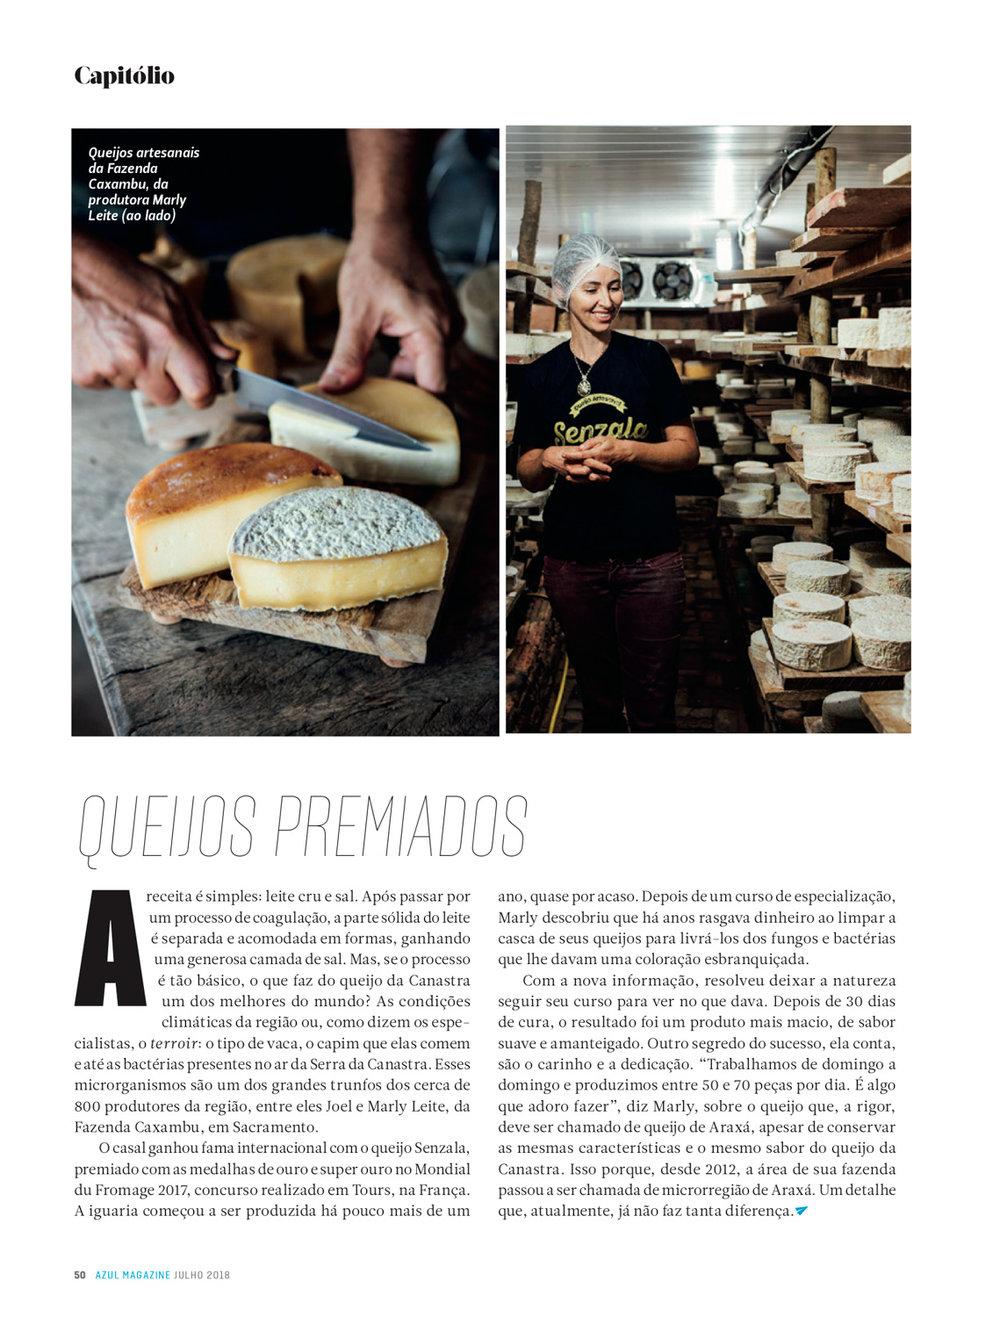 Azul Magazine - Capitolio_AngeloDalBo_07.jpg